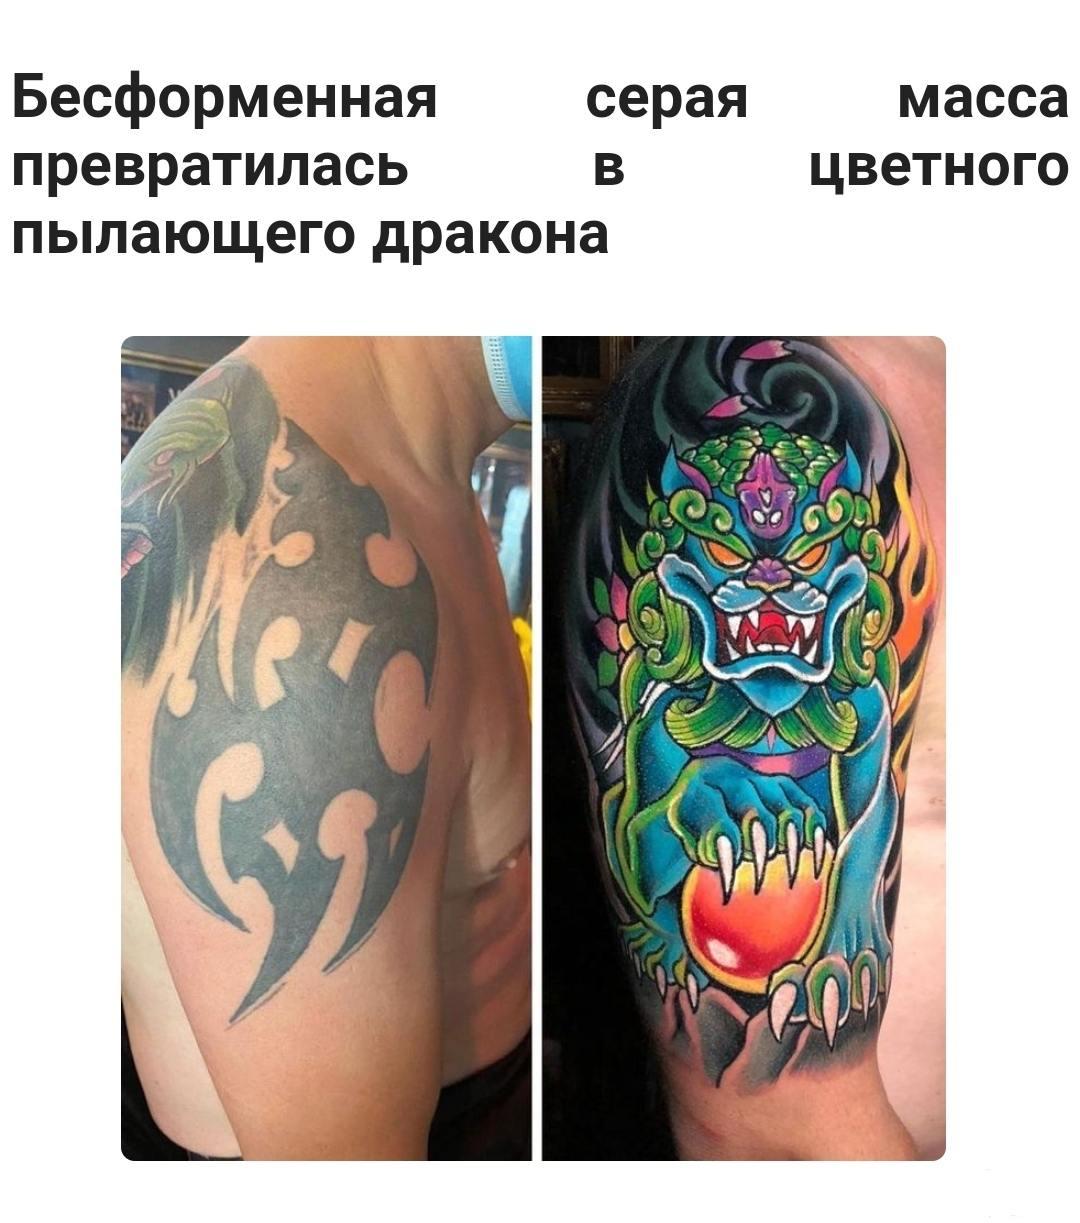 136028 - Татуировки